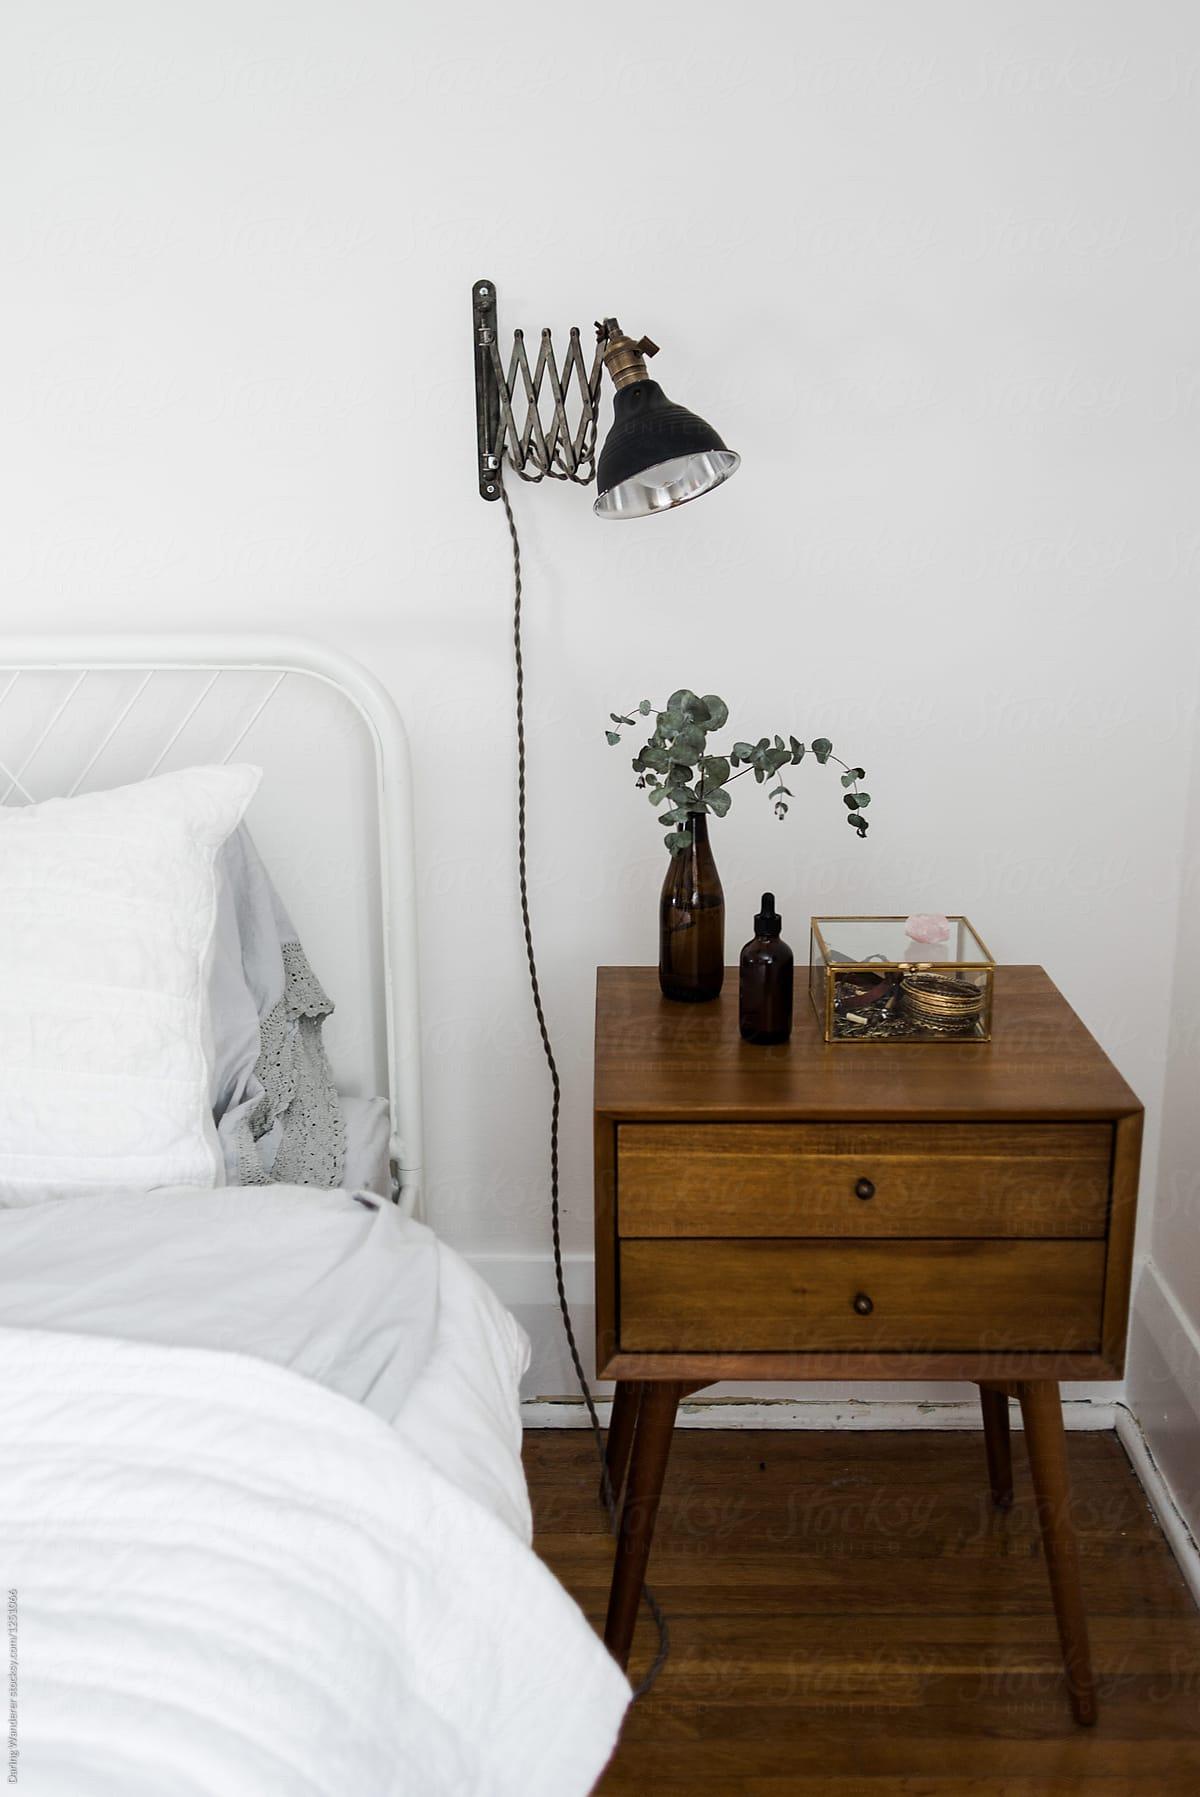 Minimalist Bedside Table In Scandinavian White Bedroom | Stocksy United